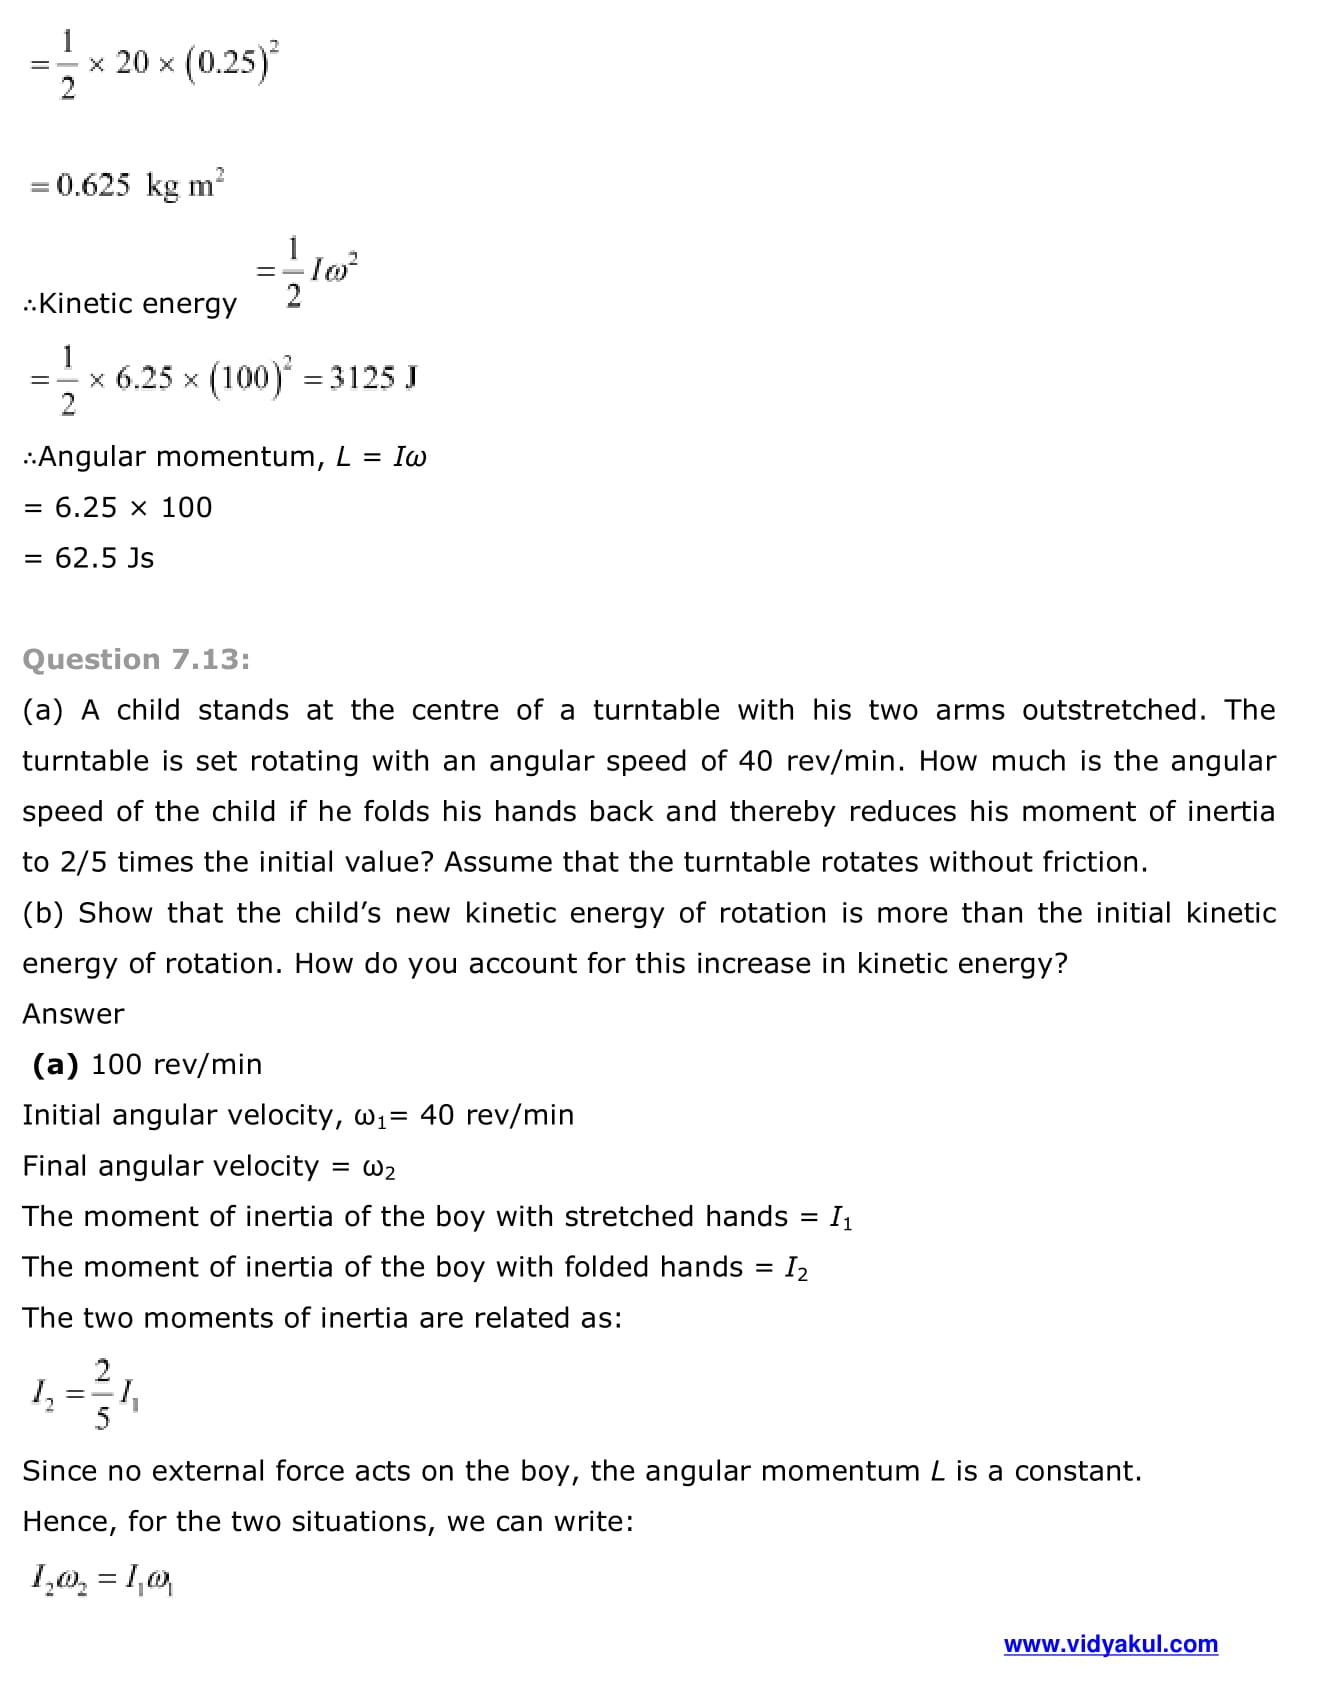 NCERT Solutions Class 11 Physics Chapter 7 | Vidyakul